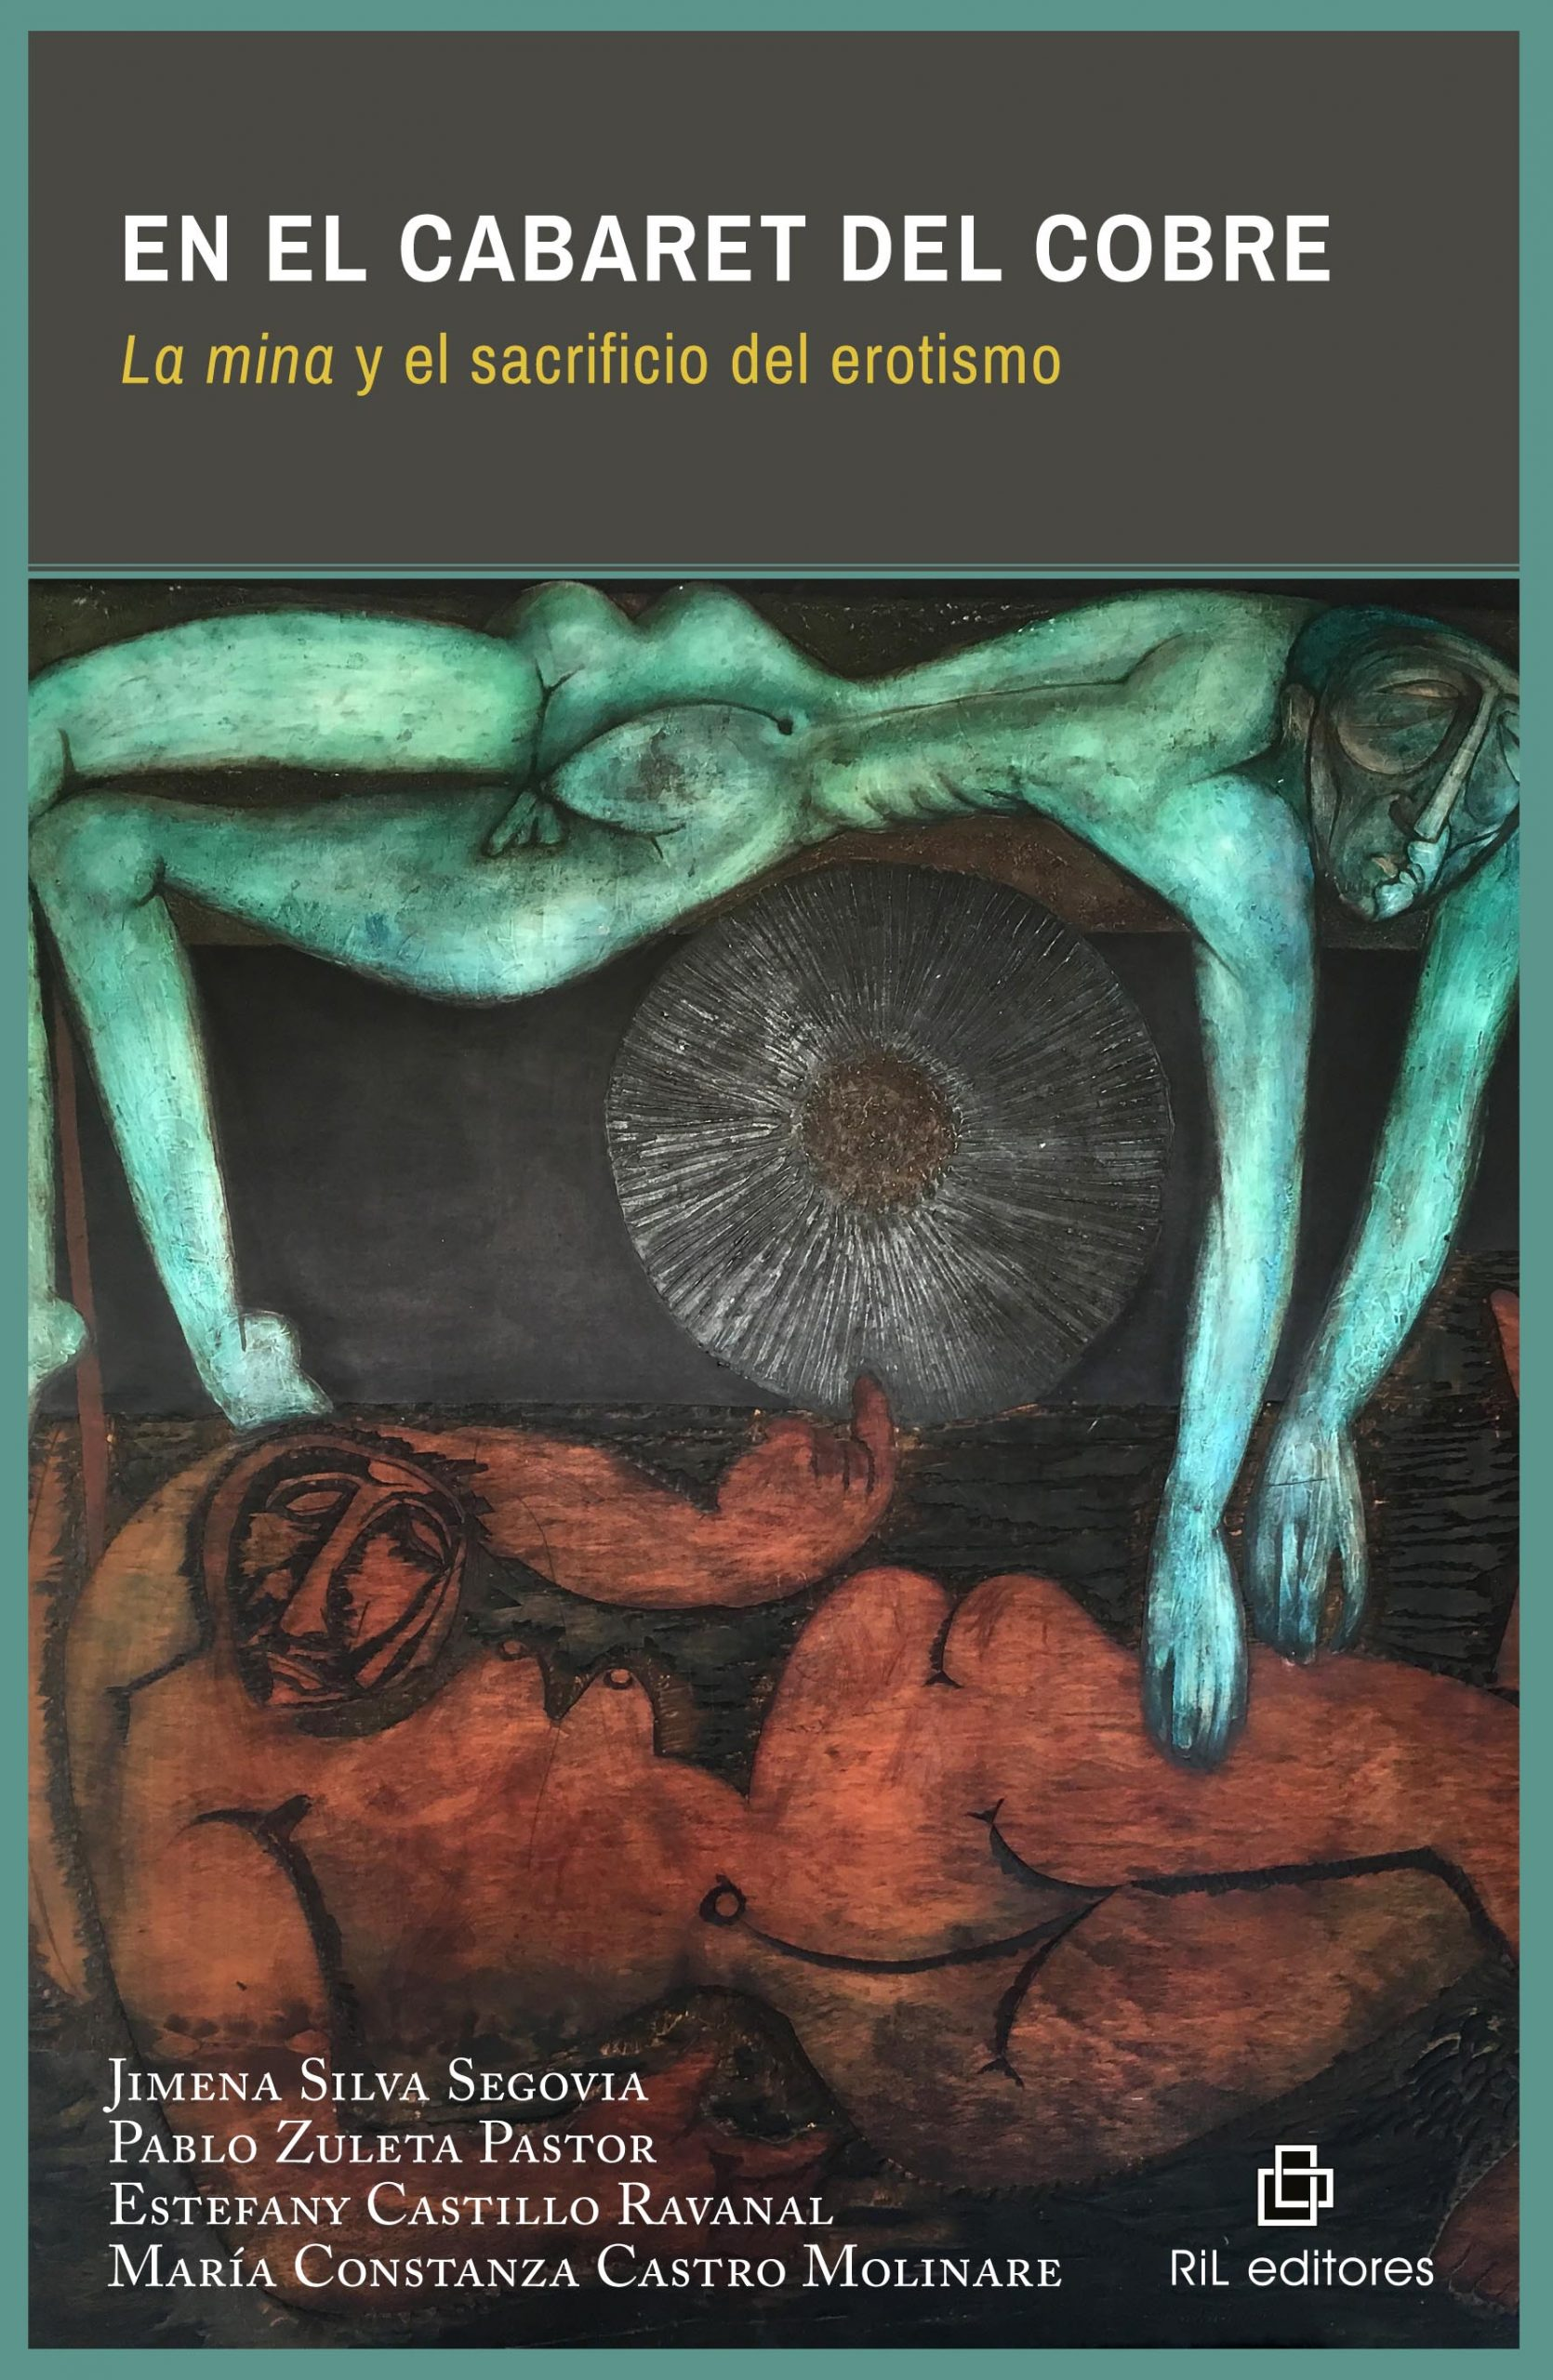 En el cabaret del cobre. La mina y el sacrificio del erotismo 1